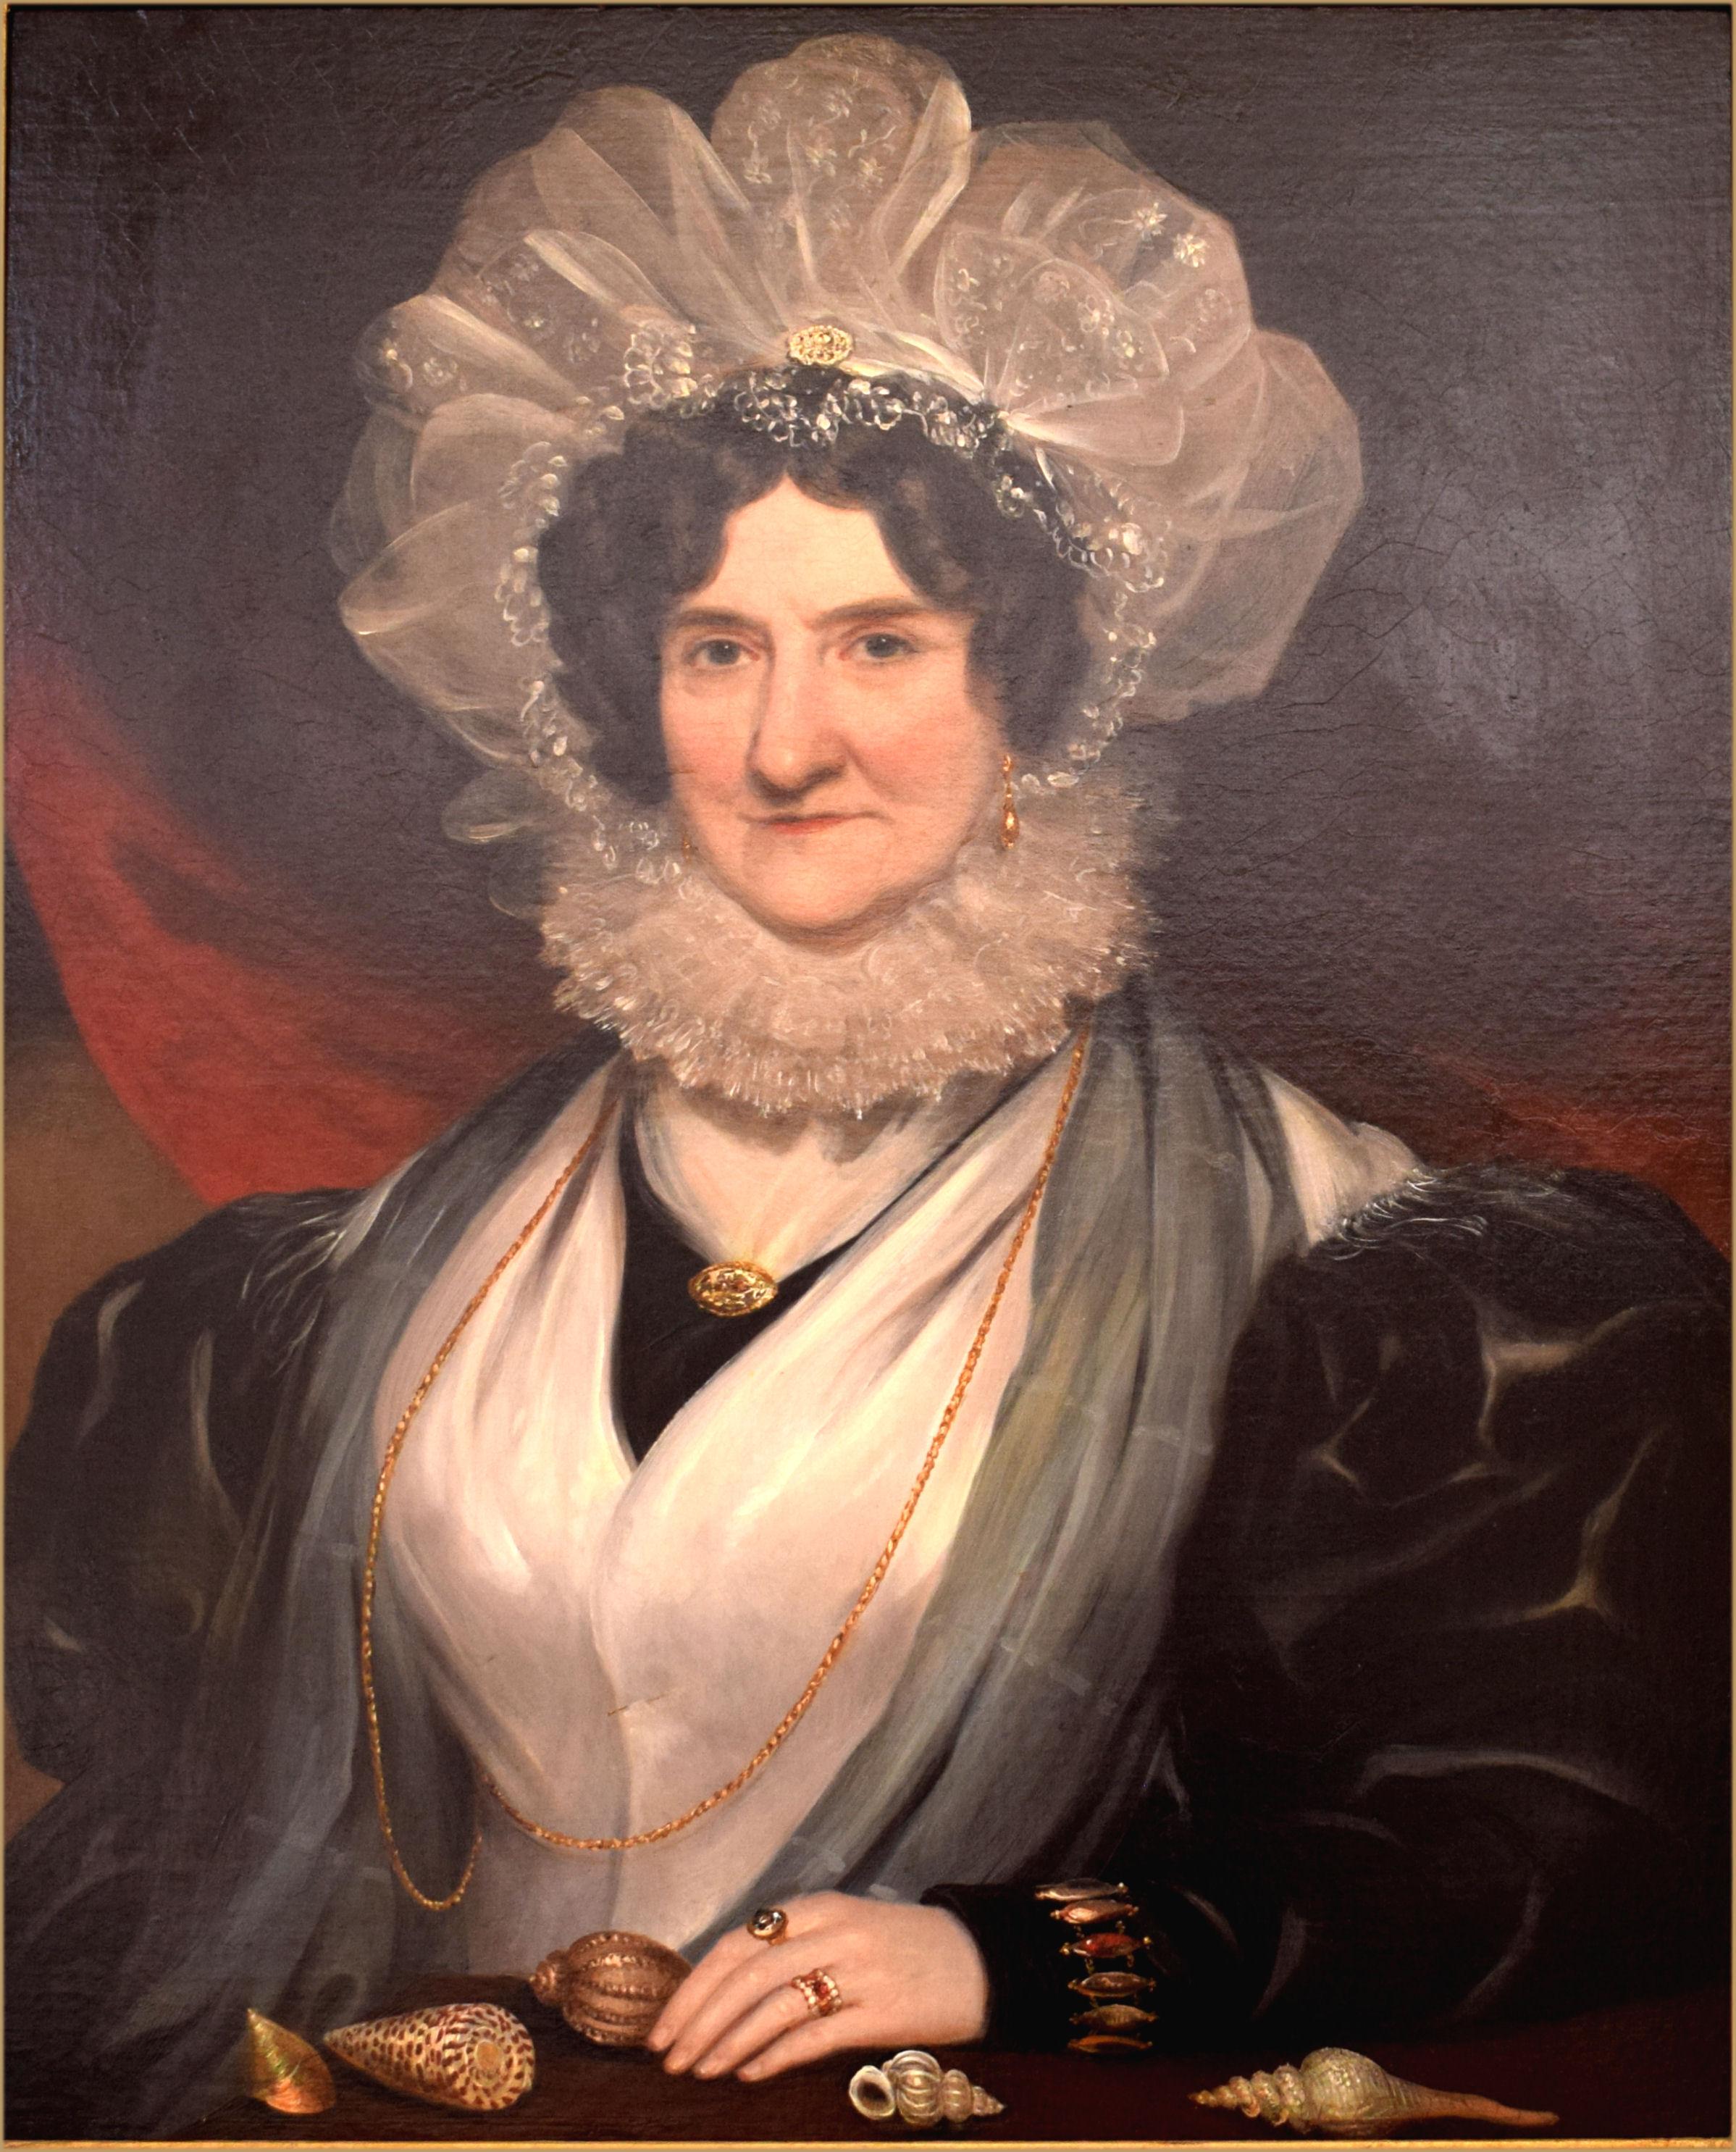 Portrait Of A Victorian Conchologist Wearing Lace Mop Cap